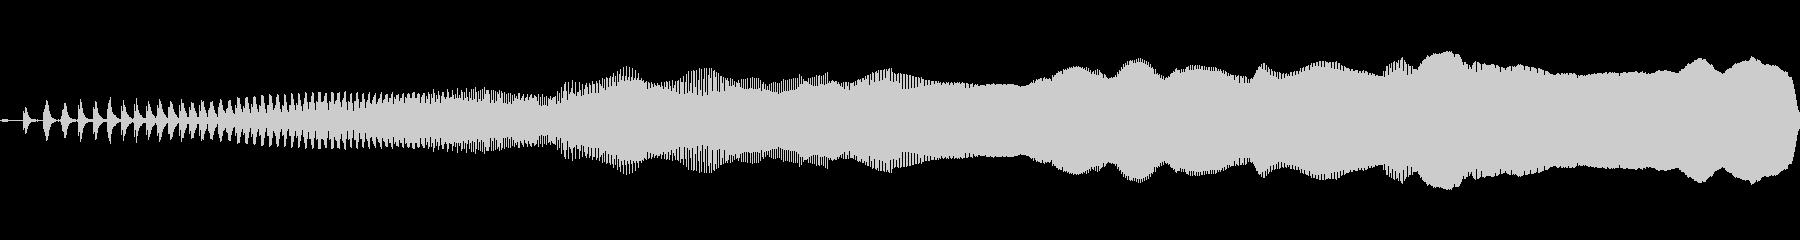 パルスフェイザー:ビルドアップ、S...の未再生の波形